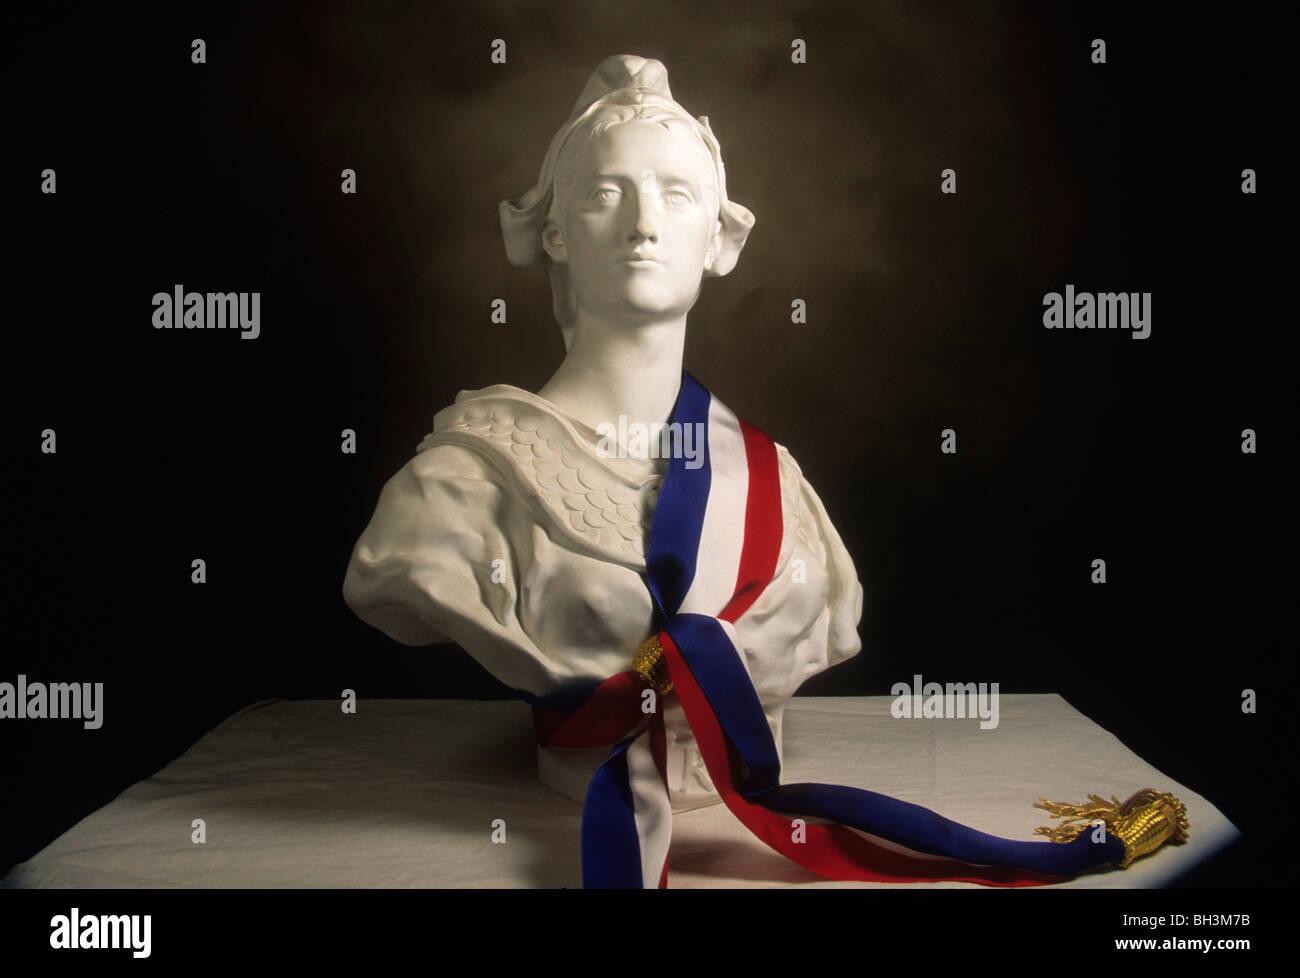 Statue de Marianne, symbole national de la République française Photo Stock